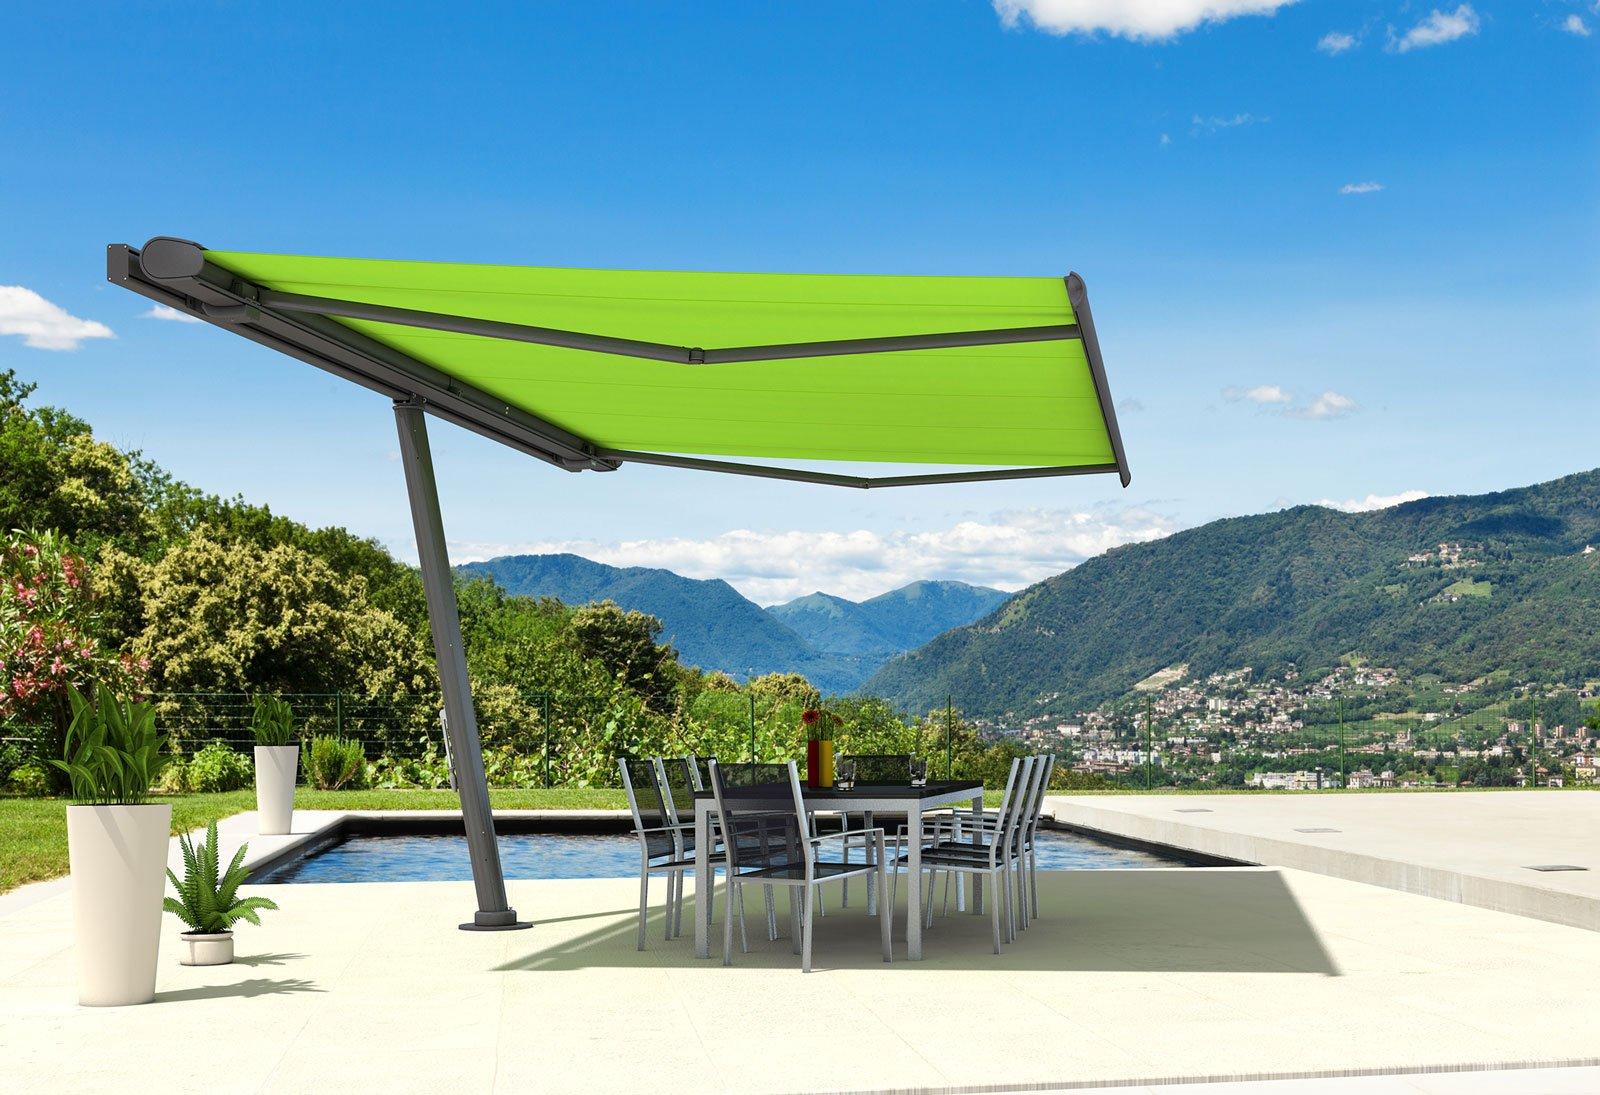 Ikea Giardino E Terrazzo: Ikea outdoor floor decking. Terrazzi dai ...